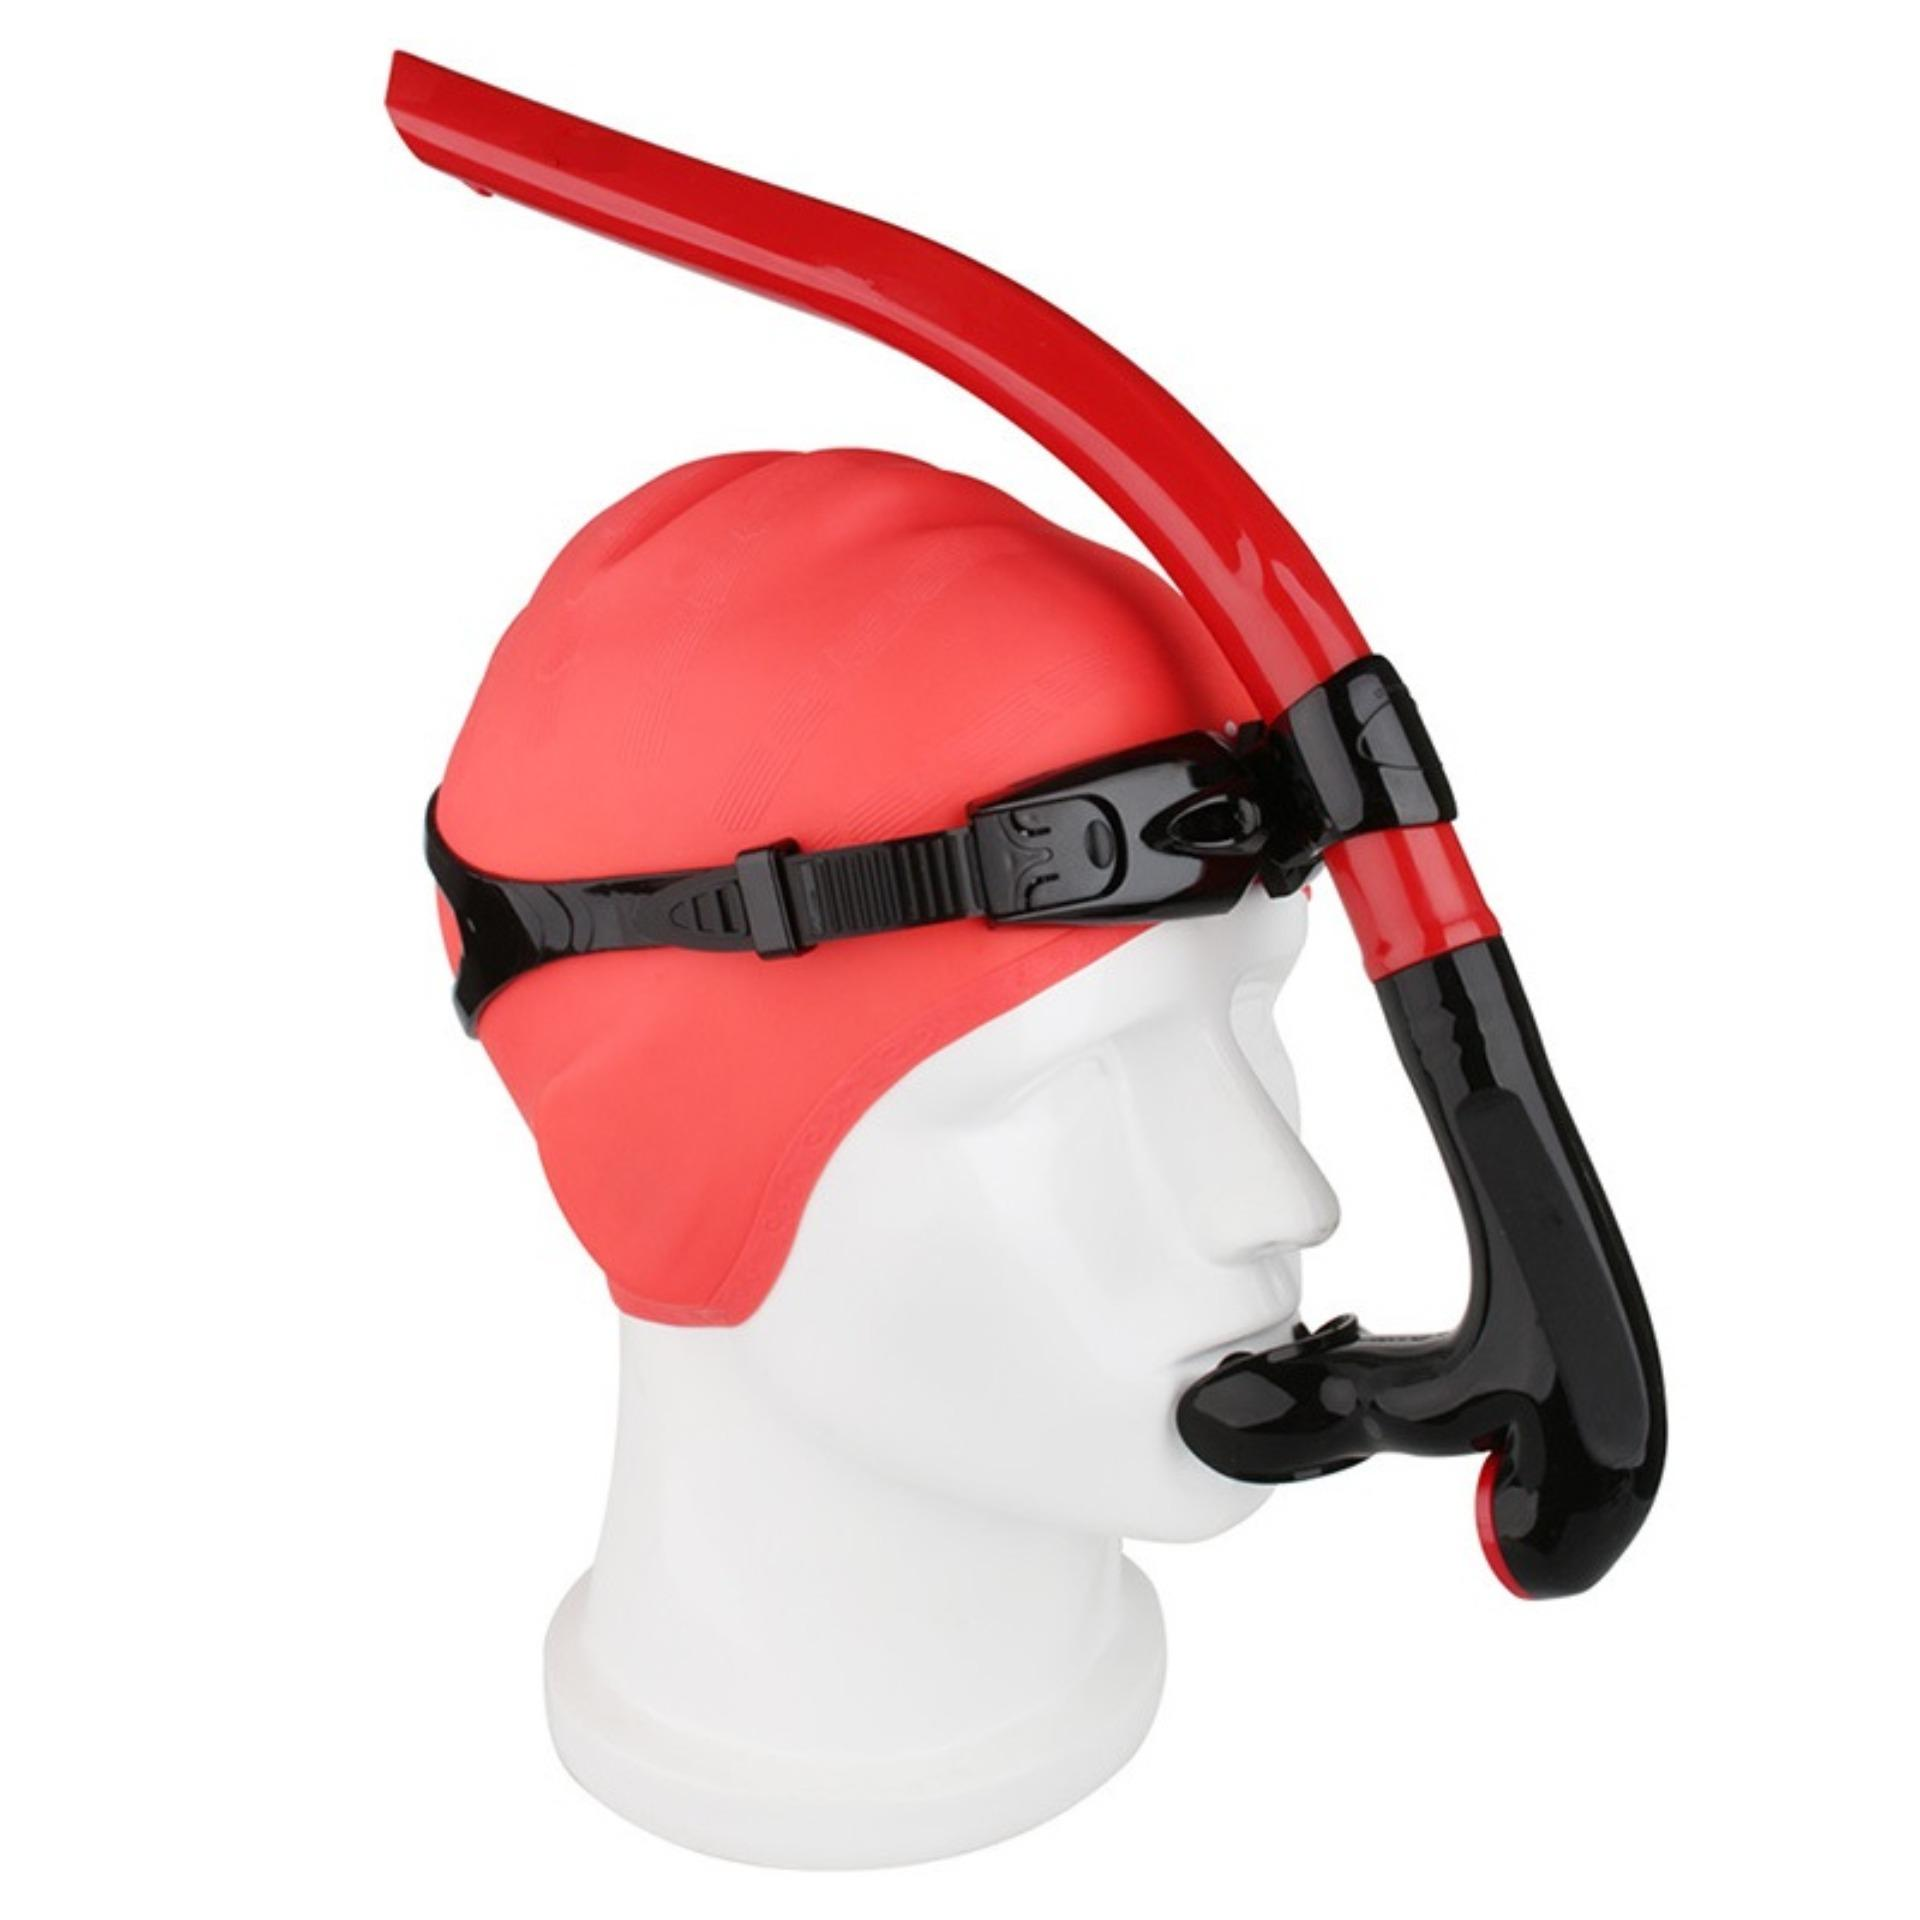 Hình ảnh Ống thở chuyên nghiệp, gắn giữ mặt hỗ trợ lặn biển, tập bơi đúng động tác, chất liệu cao cấp POPO Collection